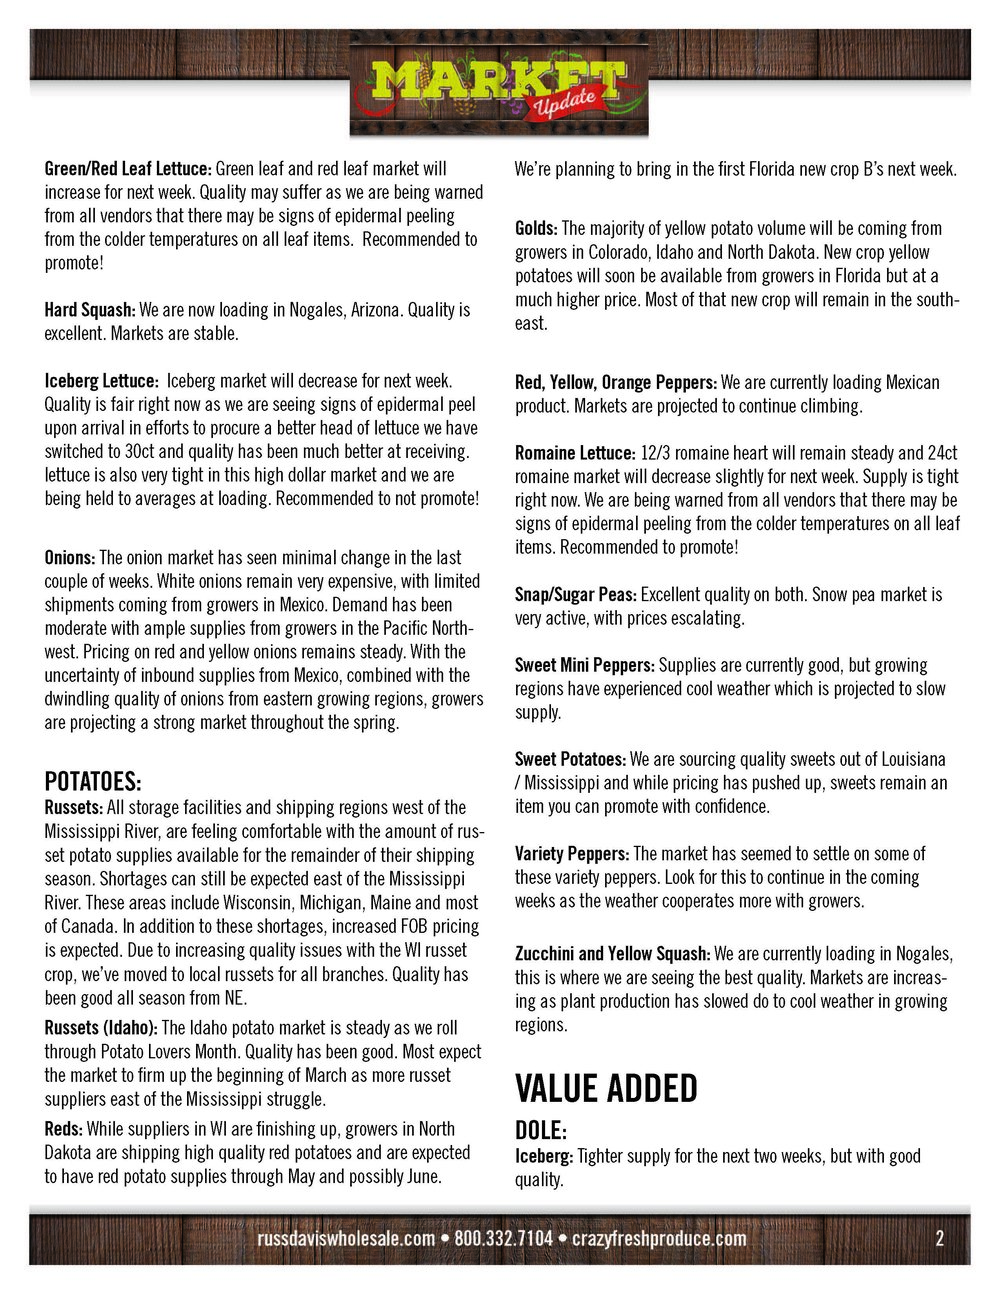 RDW_Market_Update_Mar7_19_Page_2.jpg